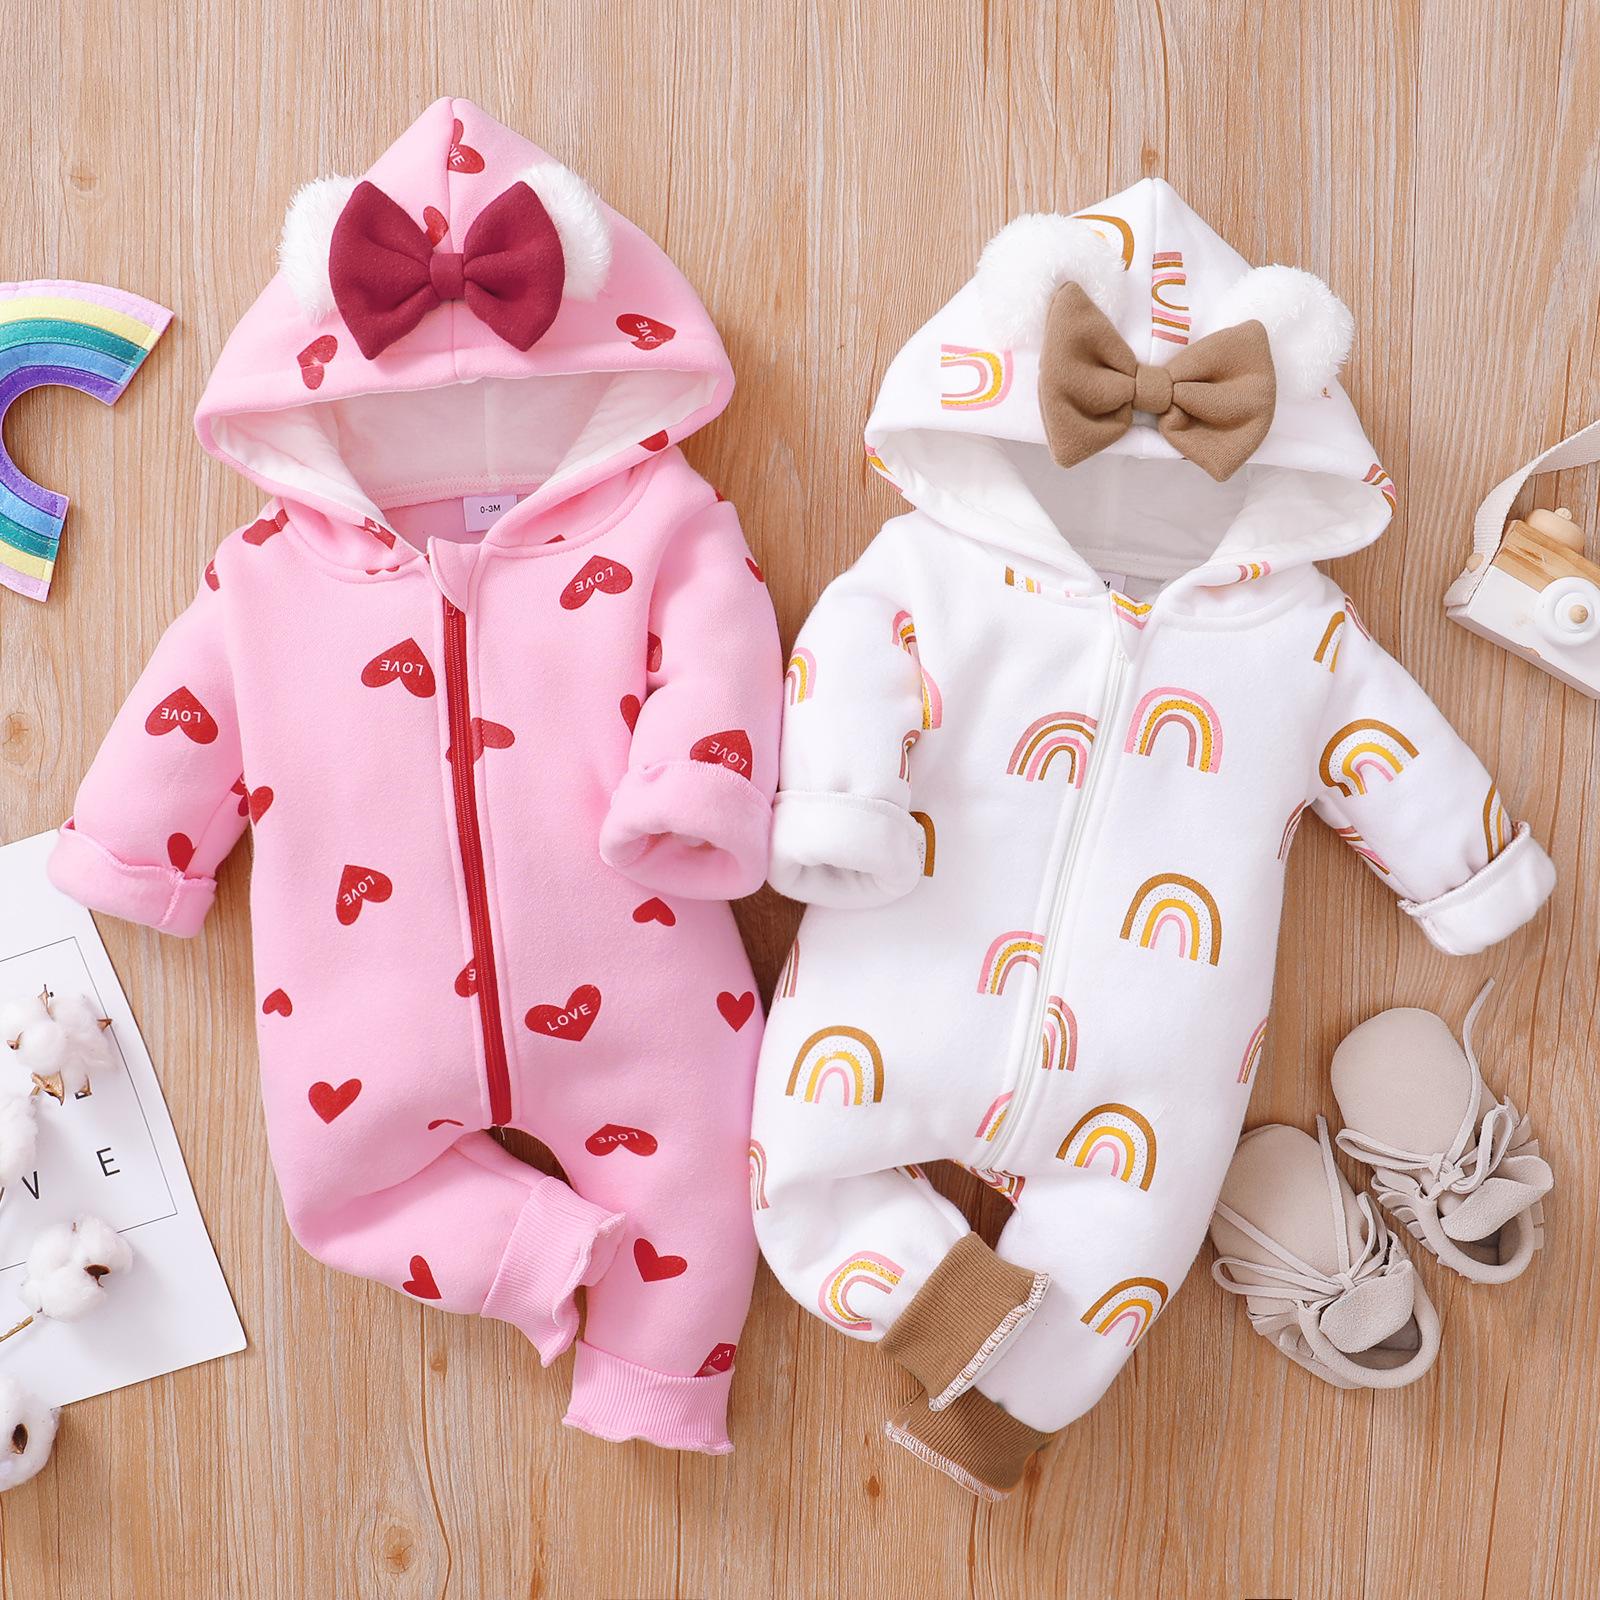 婴幼儿连帽爱心哈衣0-2岁宝宝蝴蝶结拉链爬服秋冬卫衣草莓连身衣